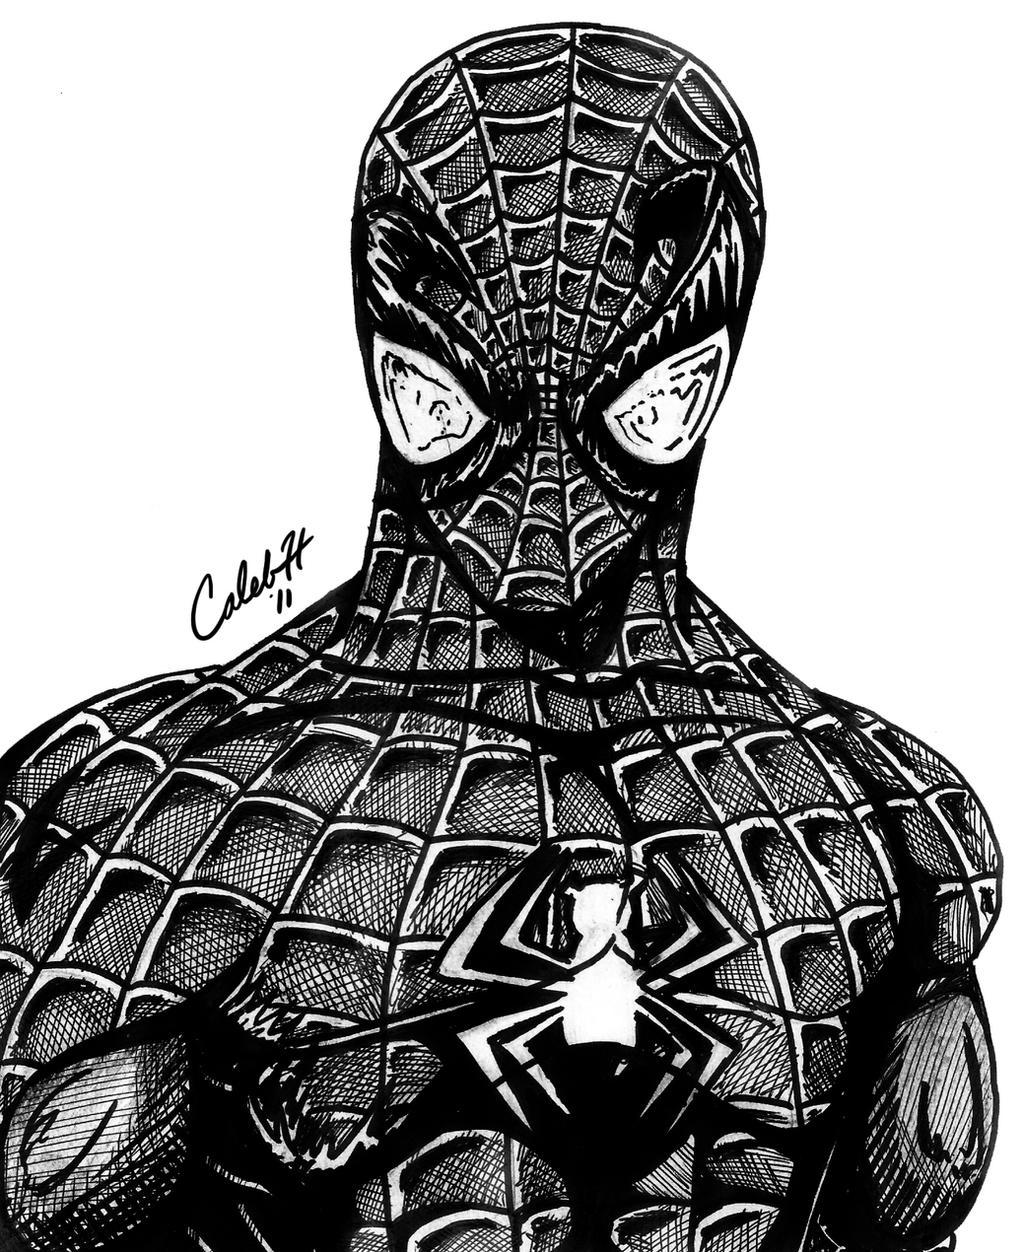 Spiderman unfinished by heidelmeier17 on deviantart for Spiderman disegni da colorare e stampare